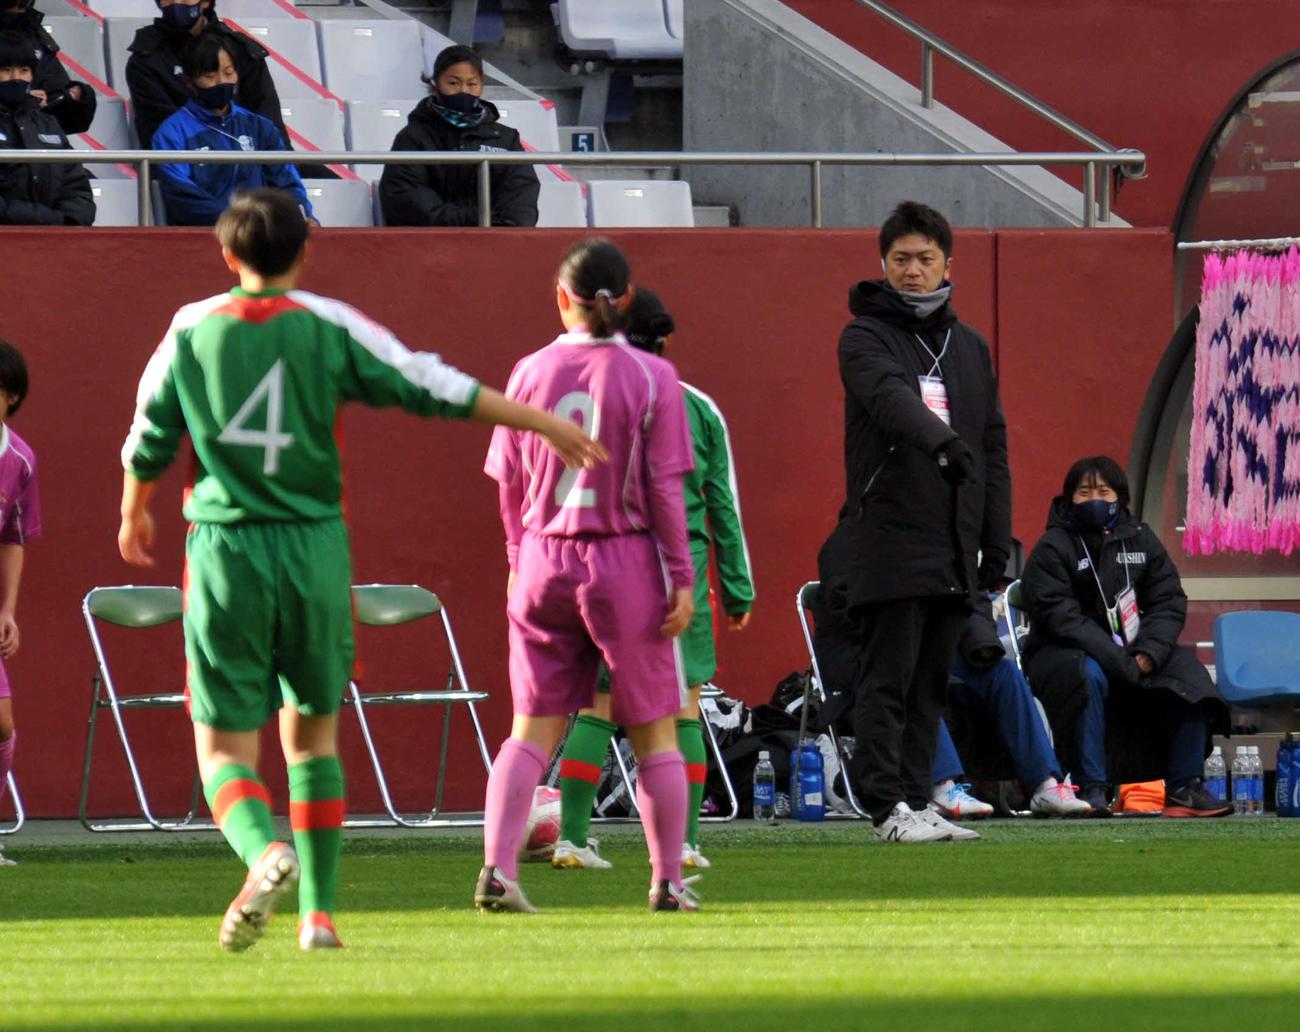 1月の全日本高校選手権決勝で、選手に指示を伝える中村氏(右)